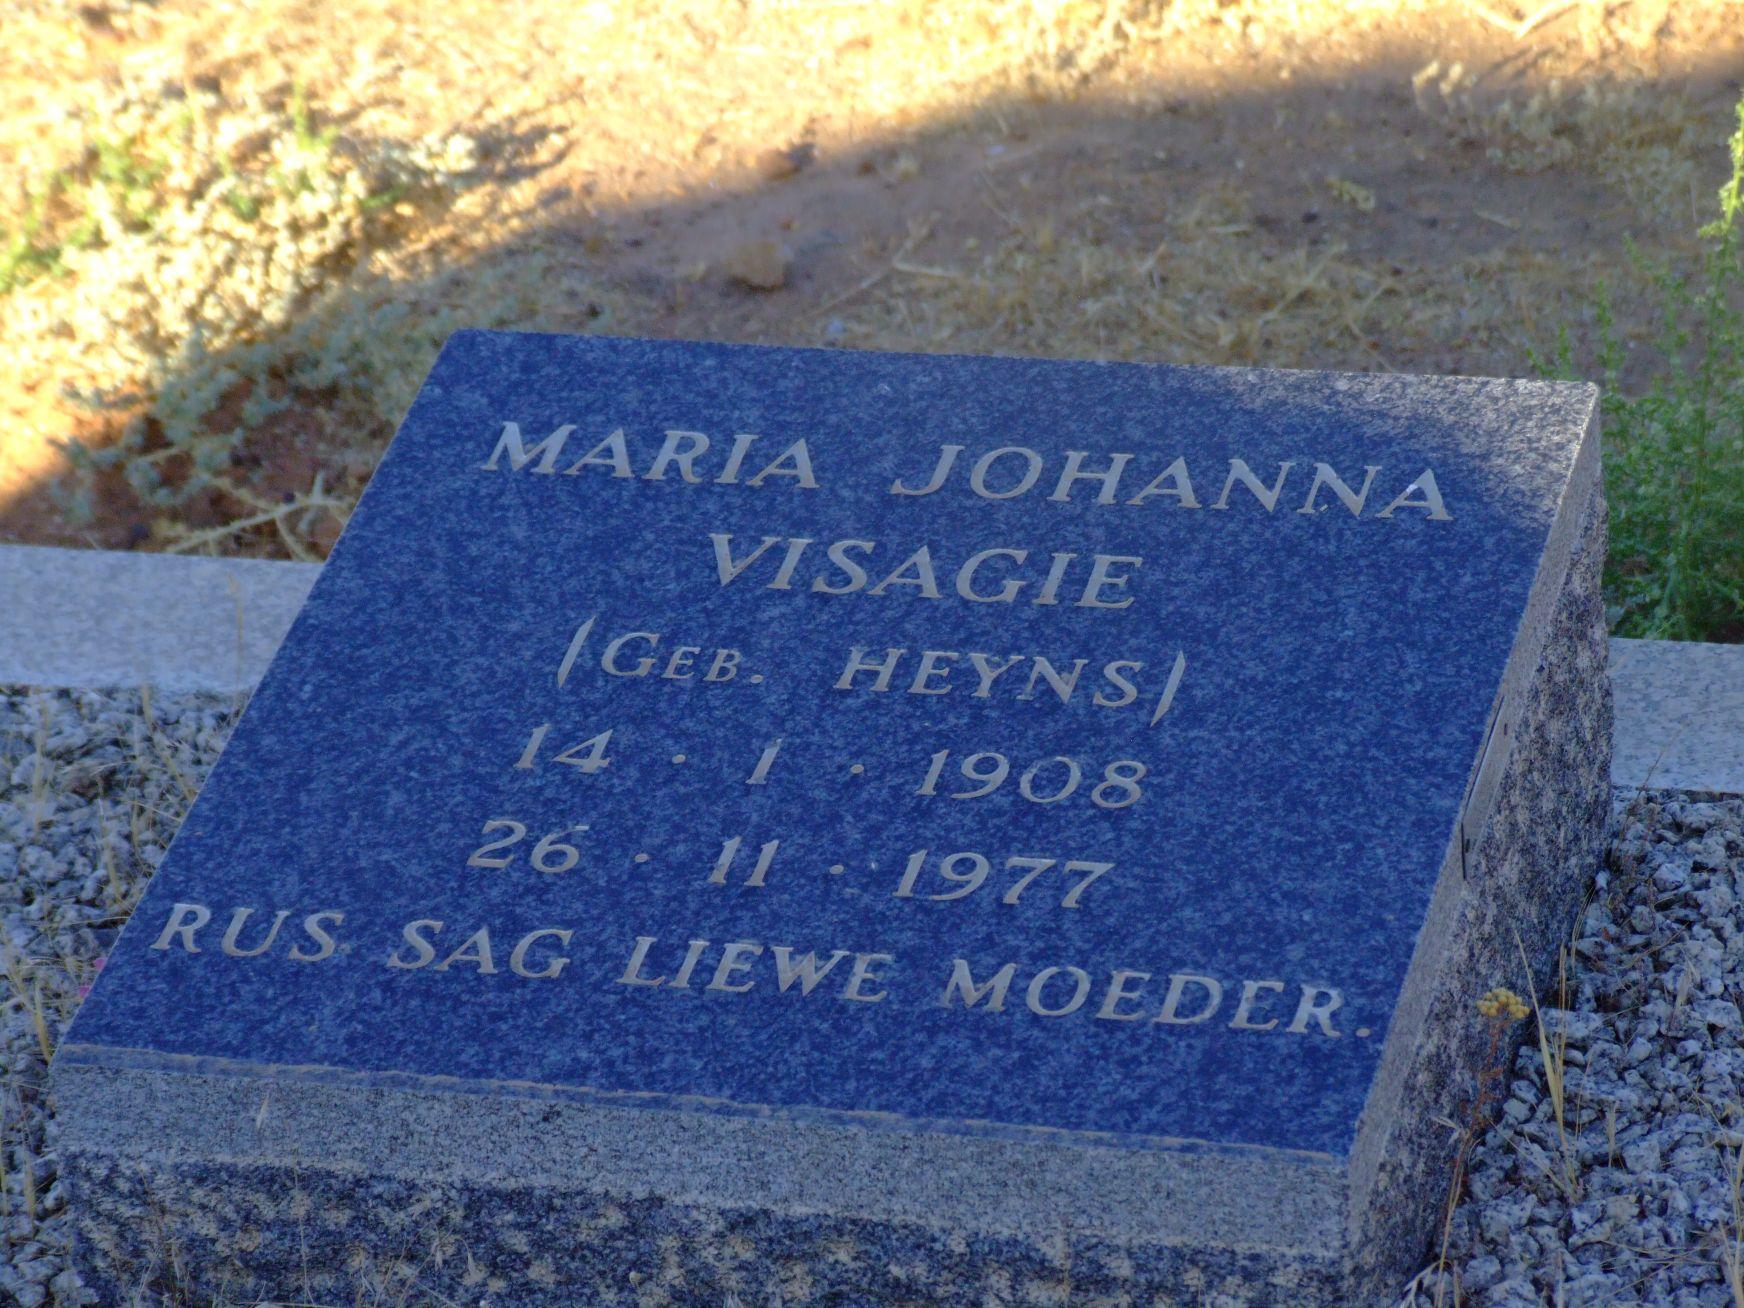 Visagie, Maria Johanna